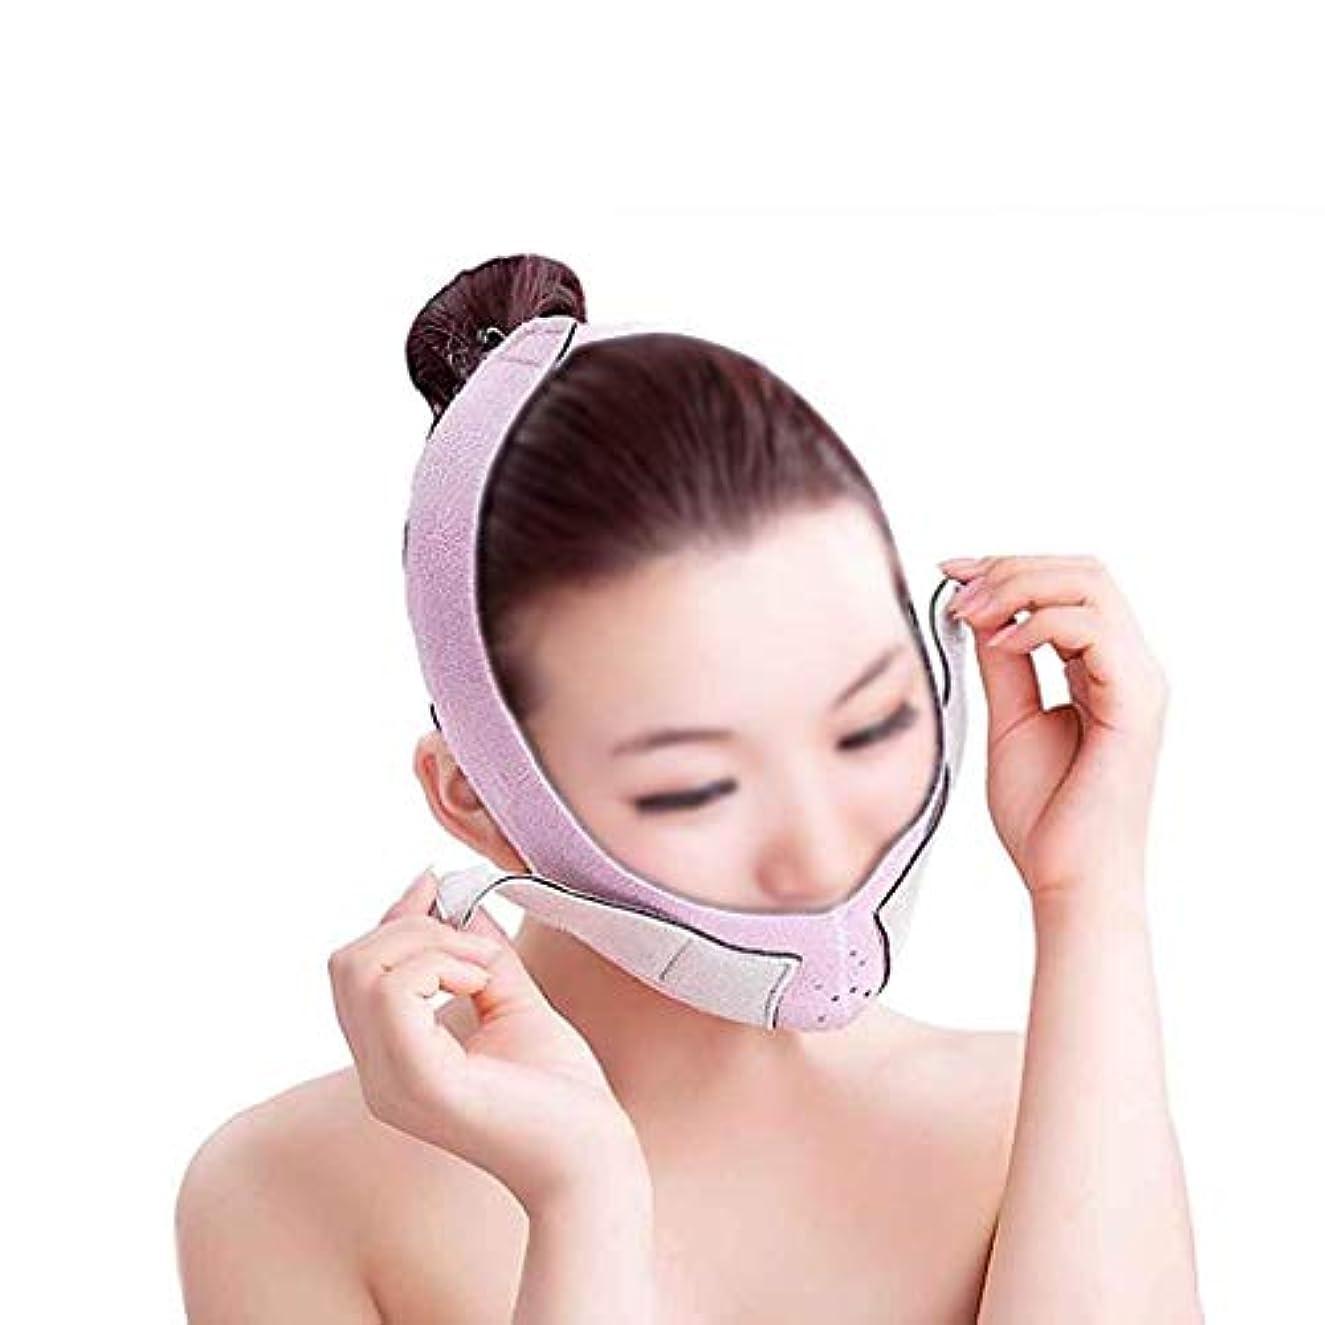 ブラシ報告書やがてHEMFV 薄い顔の包帯、ベルトフェイスマッサージツールは、二重あごをなくすリフティングVラインフェイスシェイプチンチークリフトアップアンチリンクルを作成します。 (Color : Purple)